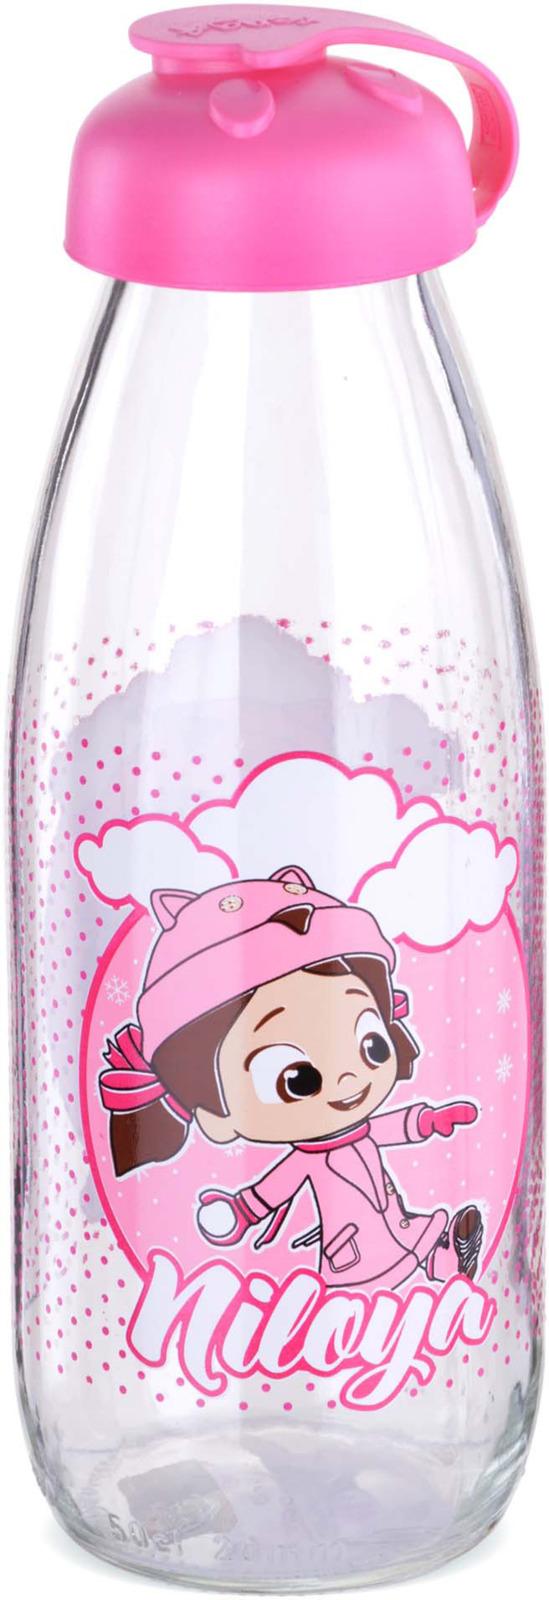 Бутылка для напитков Mayer & Boch, цвет: розовый, 0,5 л. у3887 стоимость